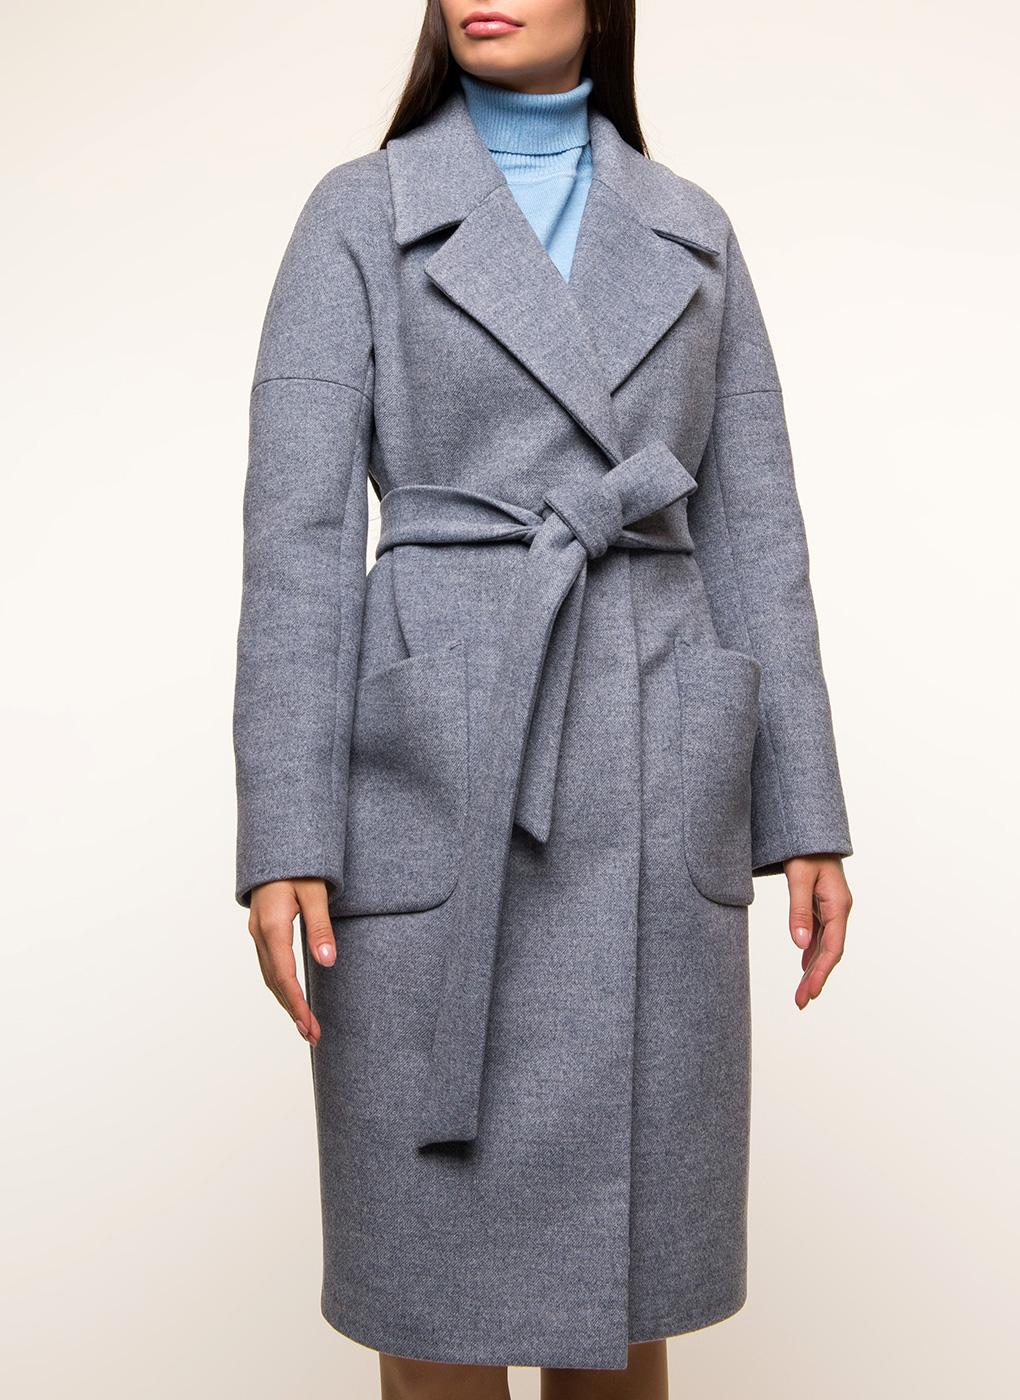 Пальто полушерстяное 08, Аллатекс фото